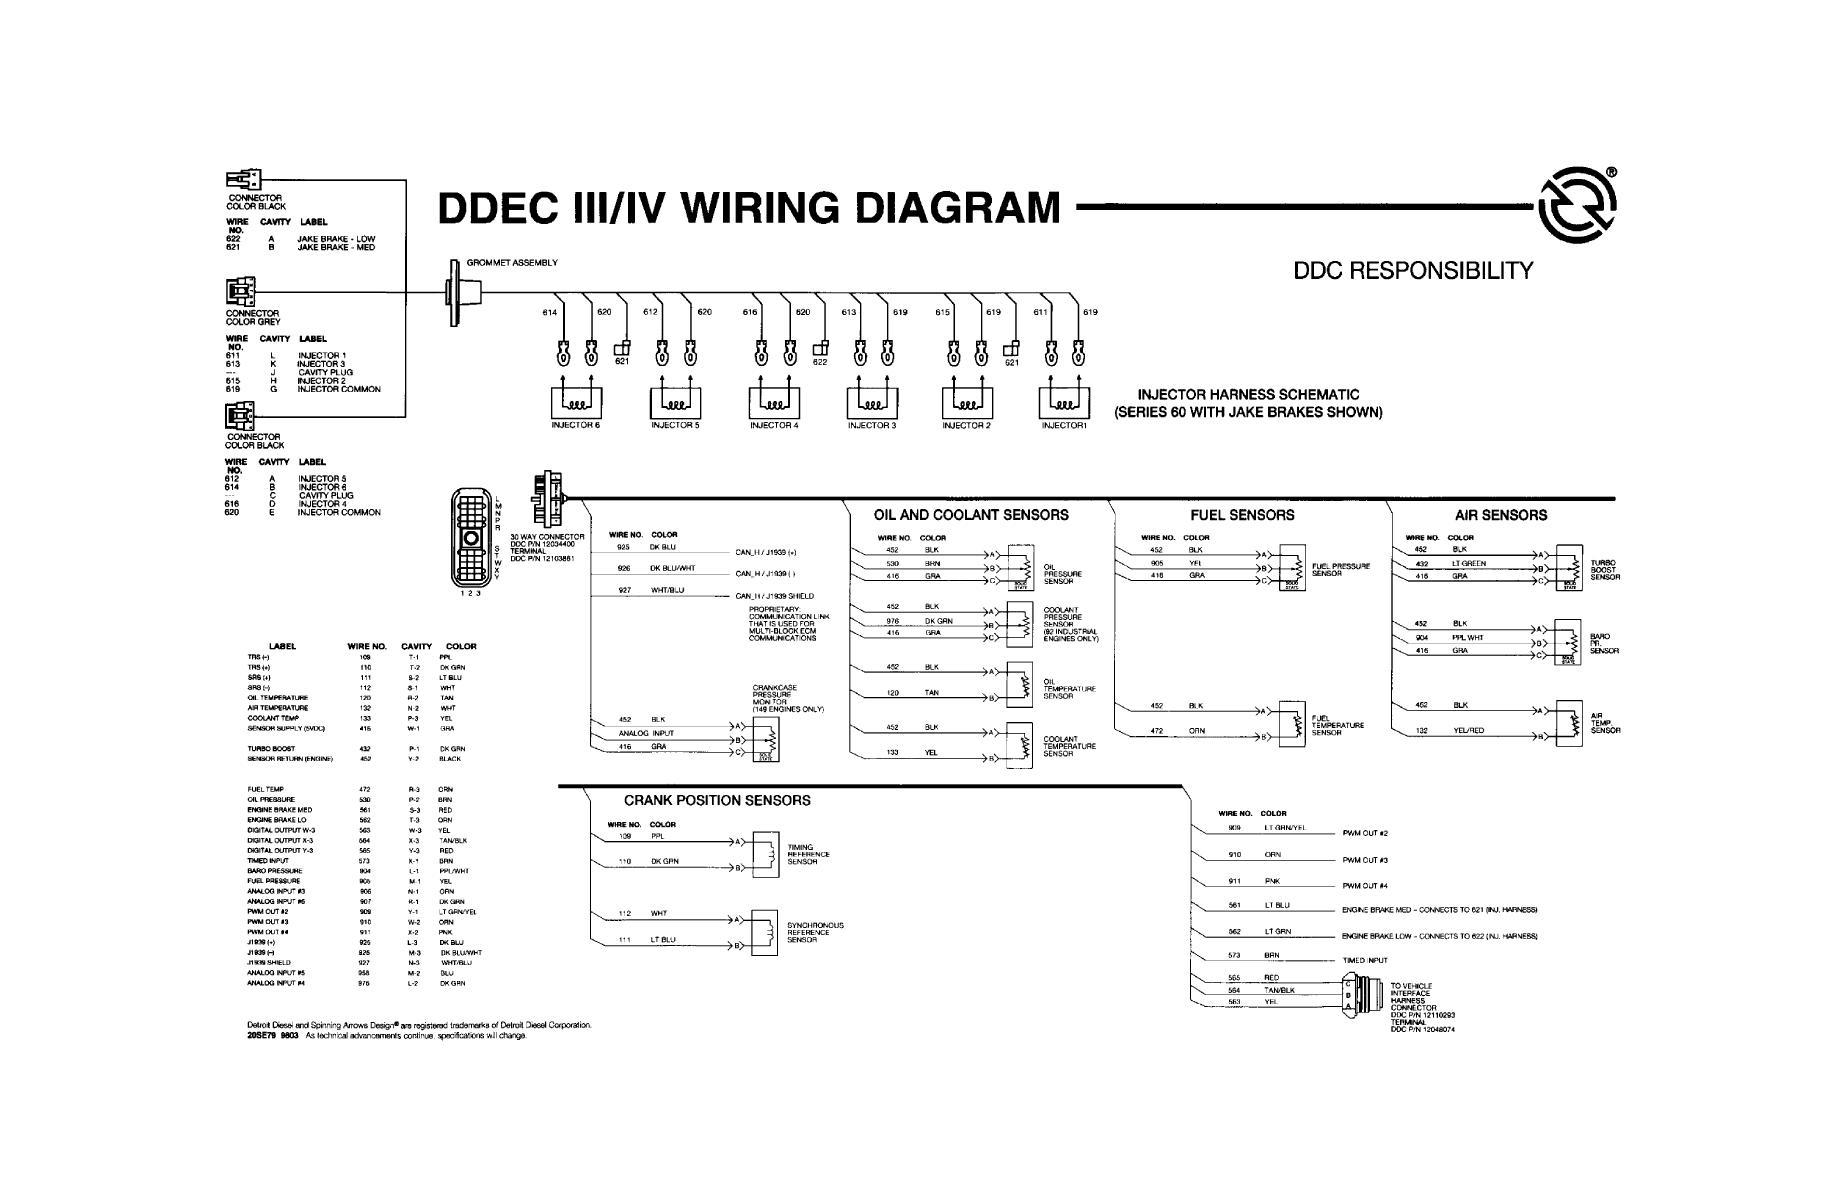 Ddec Iv Wiring Diagram. Detroit Diesel Series 60 Diagram, Bar - Detroit Series 60 Ecm Wiring Diagram